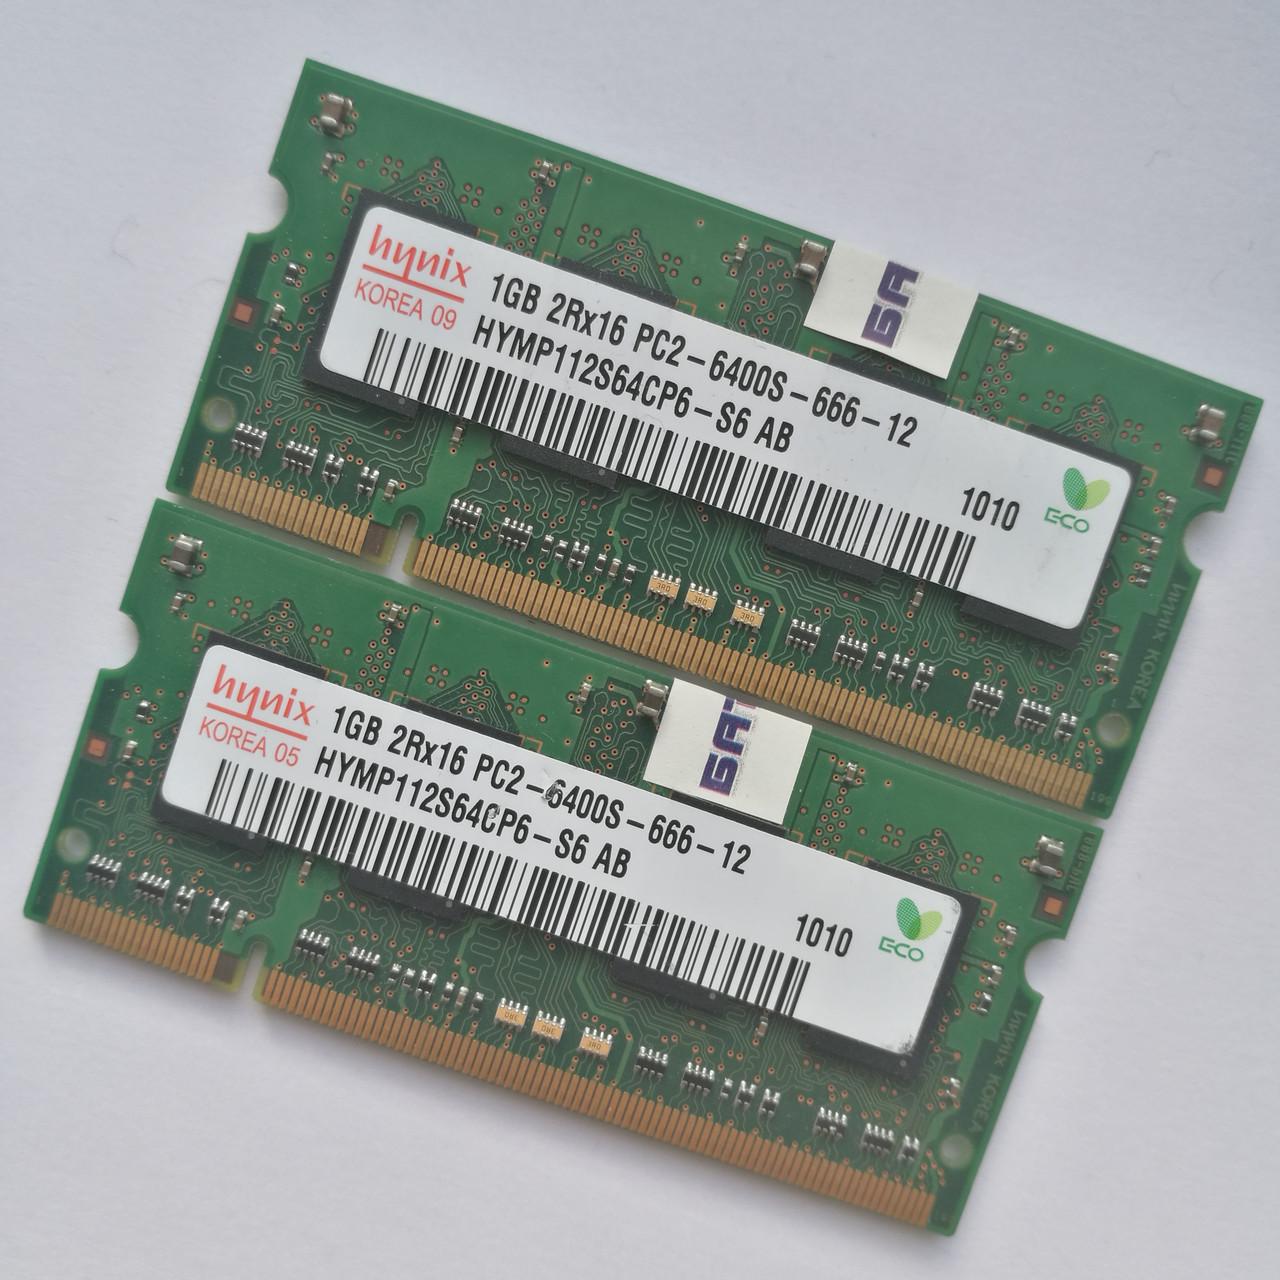 Пара оперативной памяти для ноутбука Hynix SODIMM DDR2 2Gb (1+1) 800MHz 6400s CL6 (HYMP112S64CP6-S6 AB) Б/У